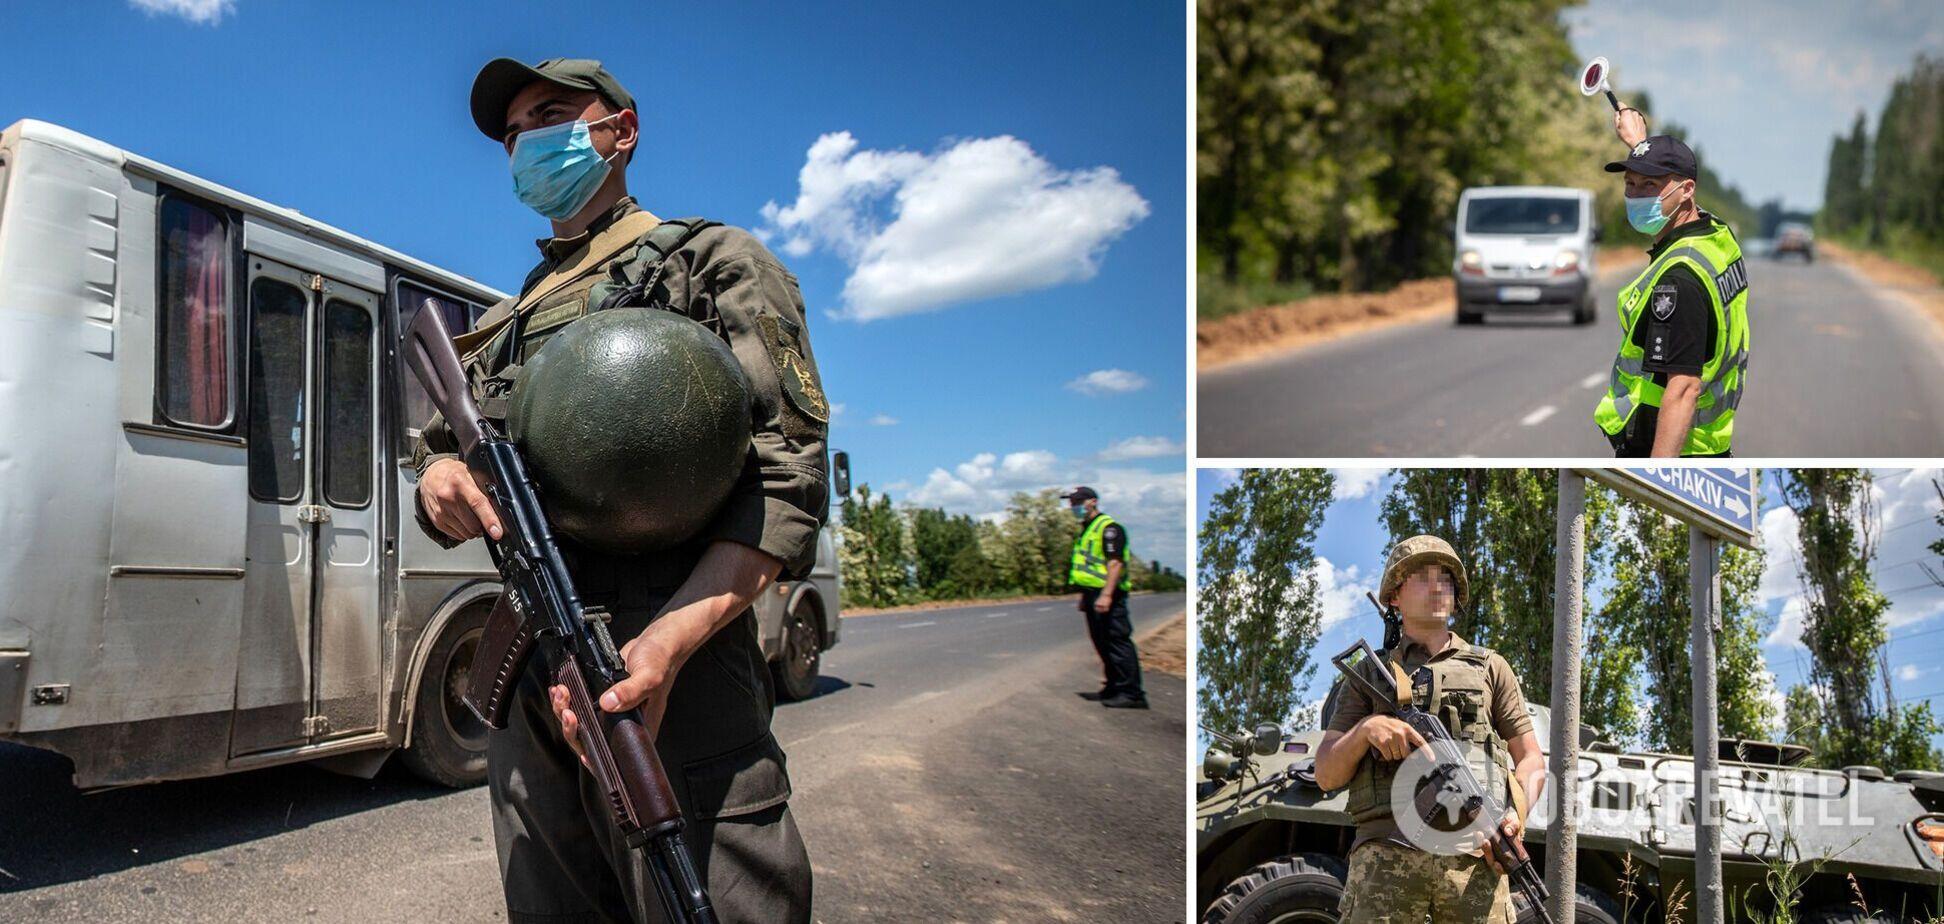 На Миколаївщині запобігли 'вибуху' на військовому об'єкті: фото антитерористичних навчань